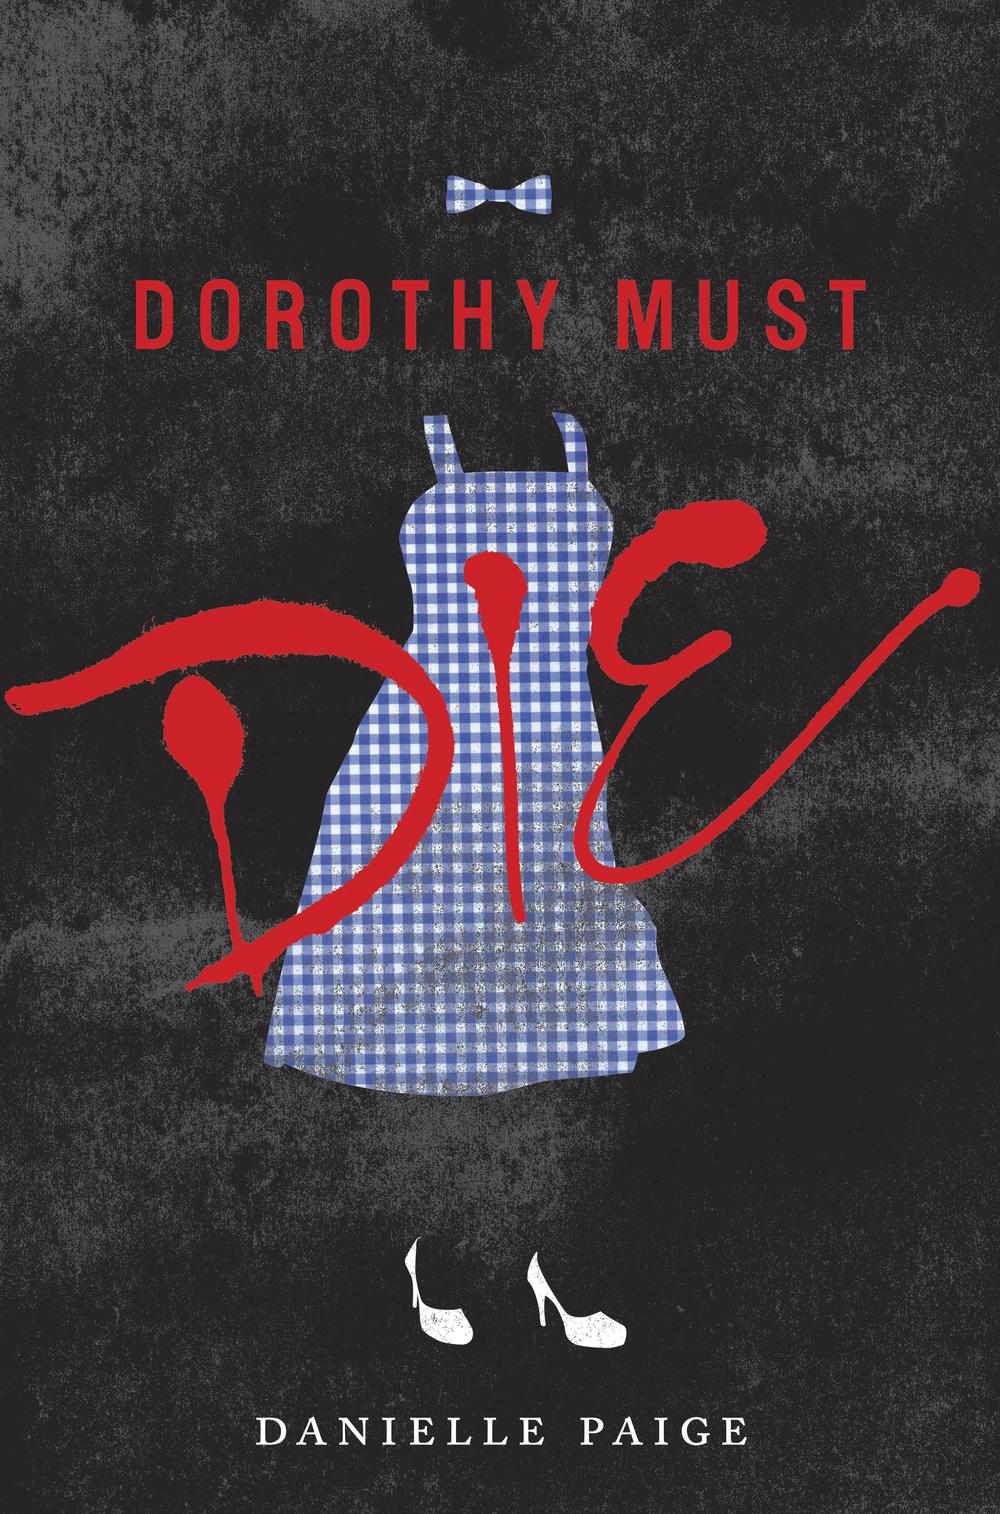 DorothyMustDie+HC+c+RGB.jpg